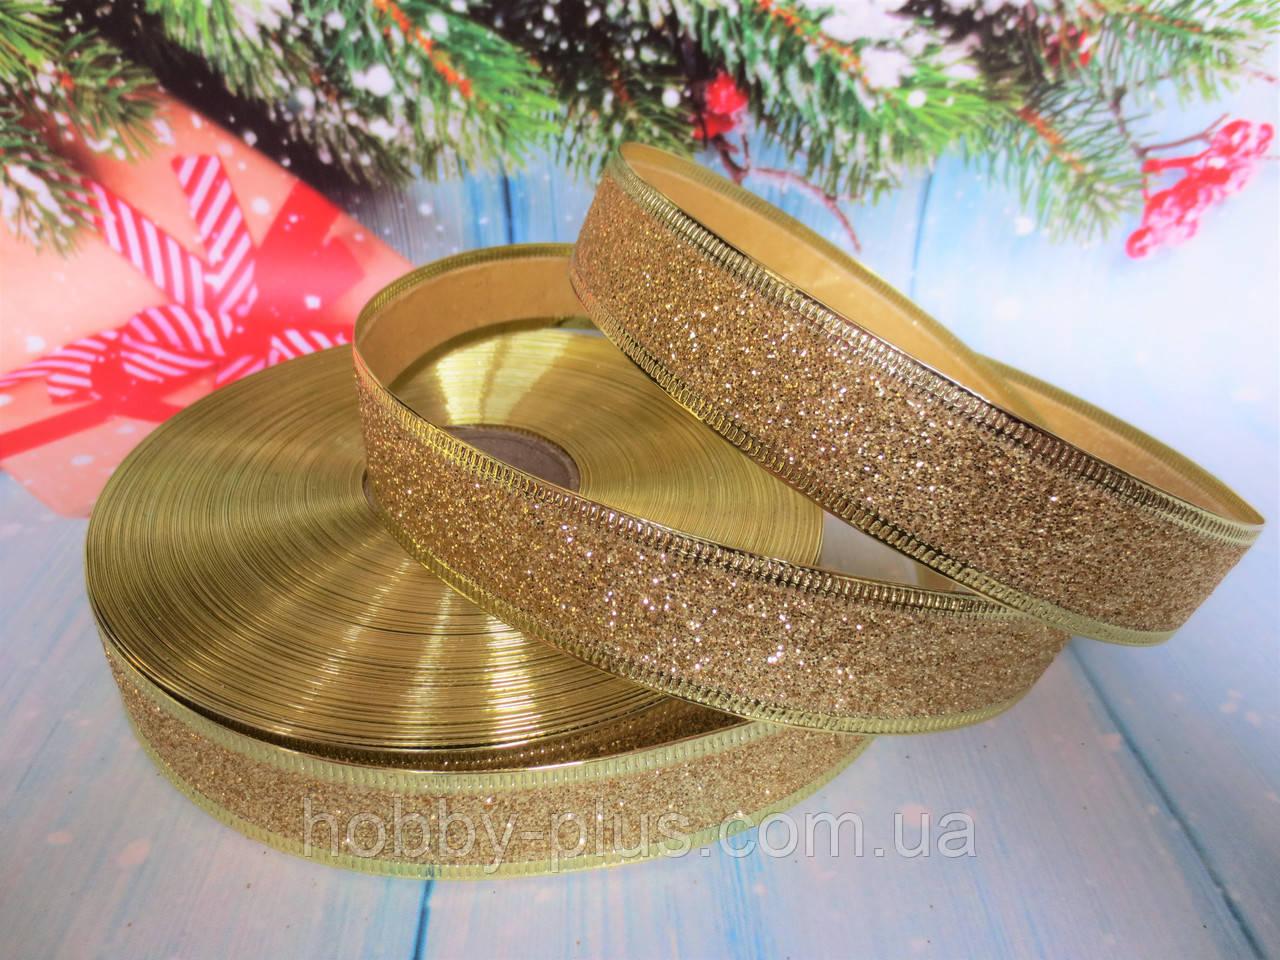 Новогодняя лента с проволочным краем, цвет золотистый, 2,5 см